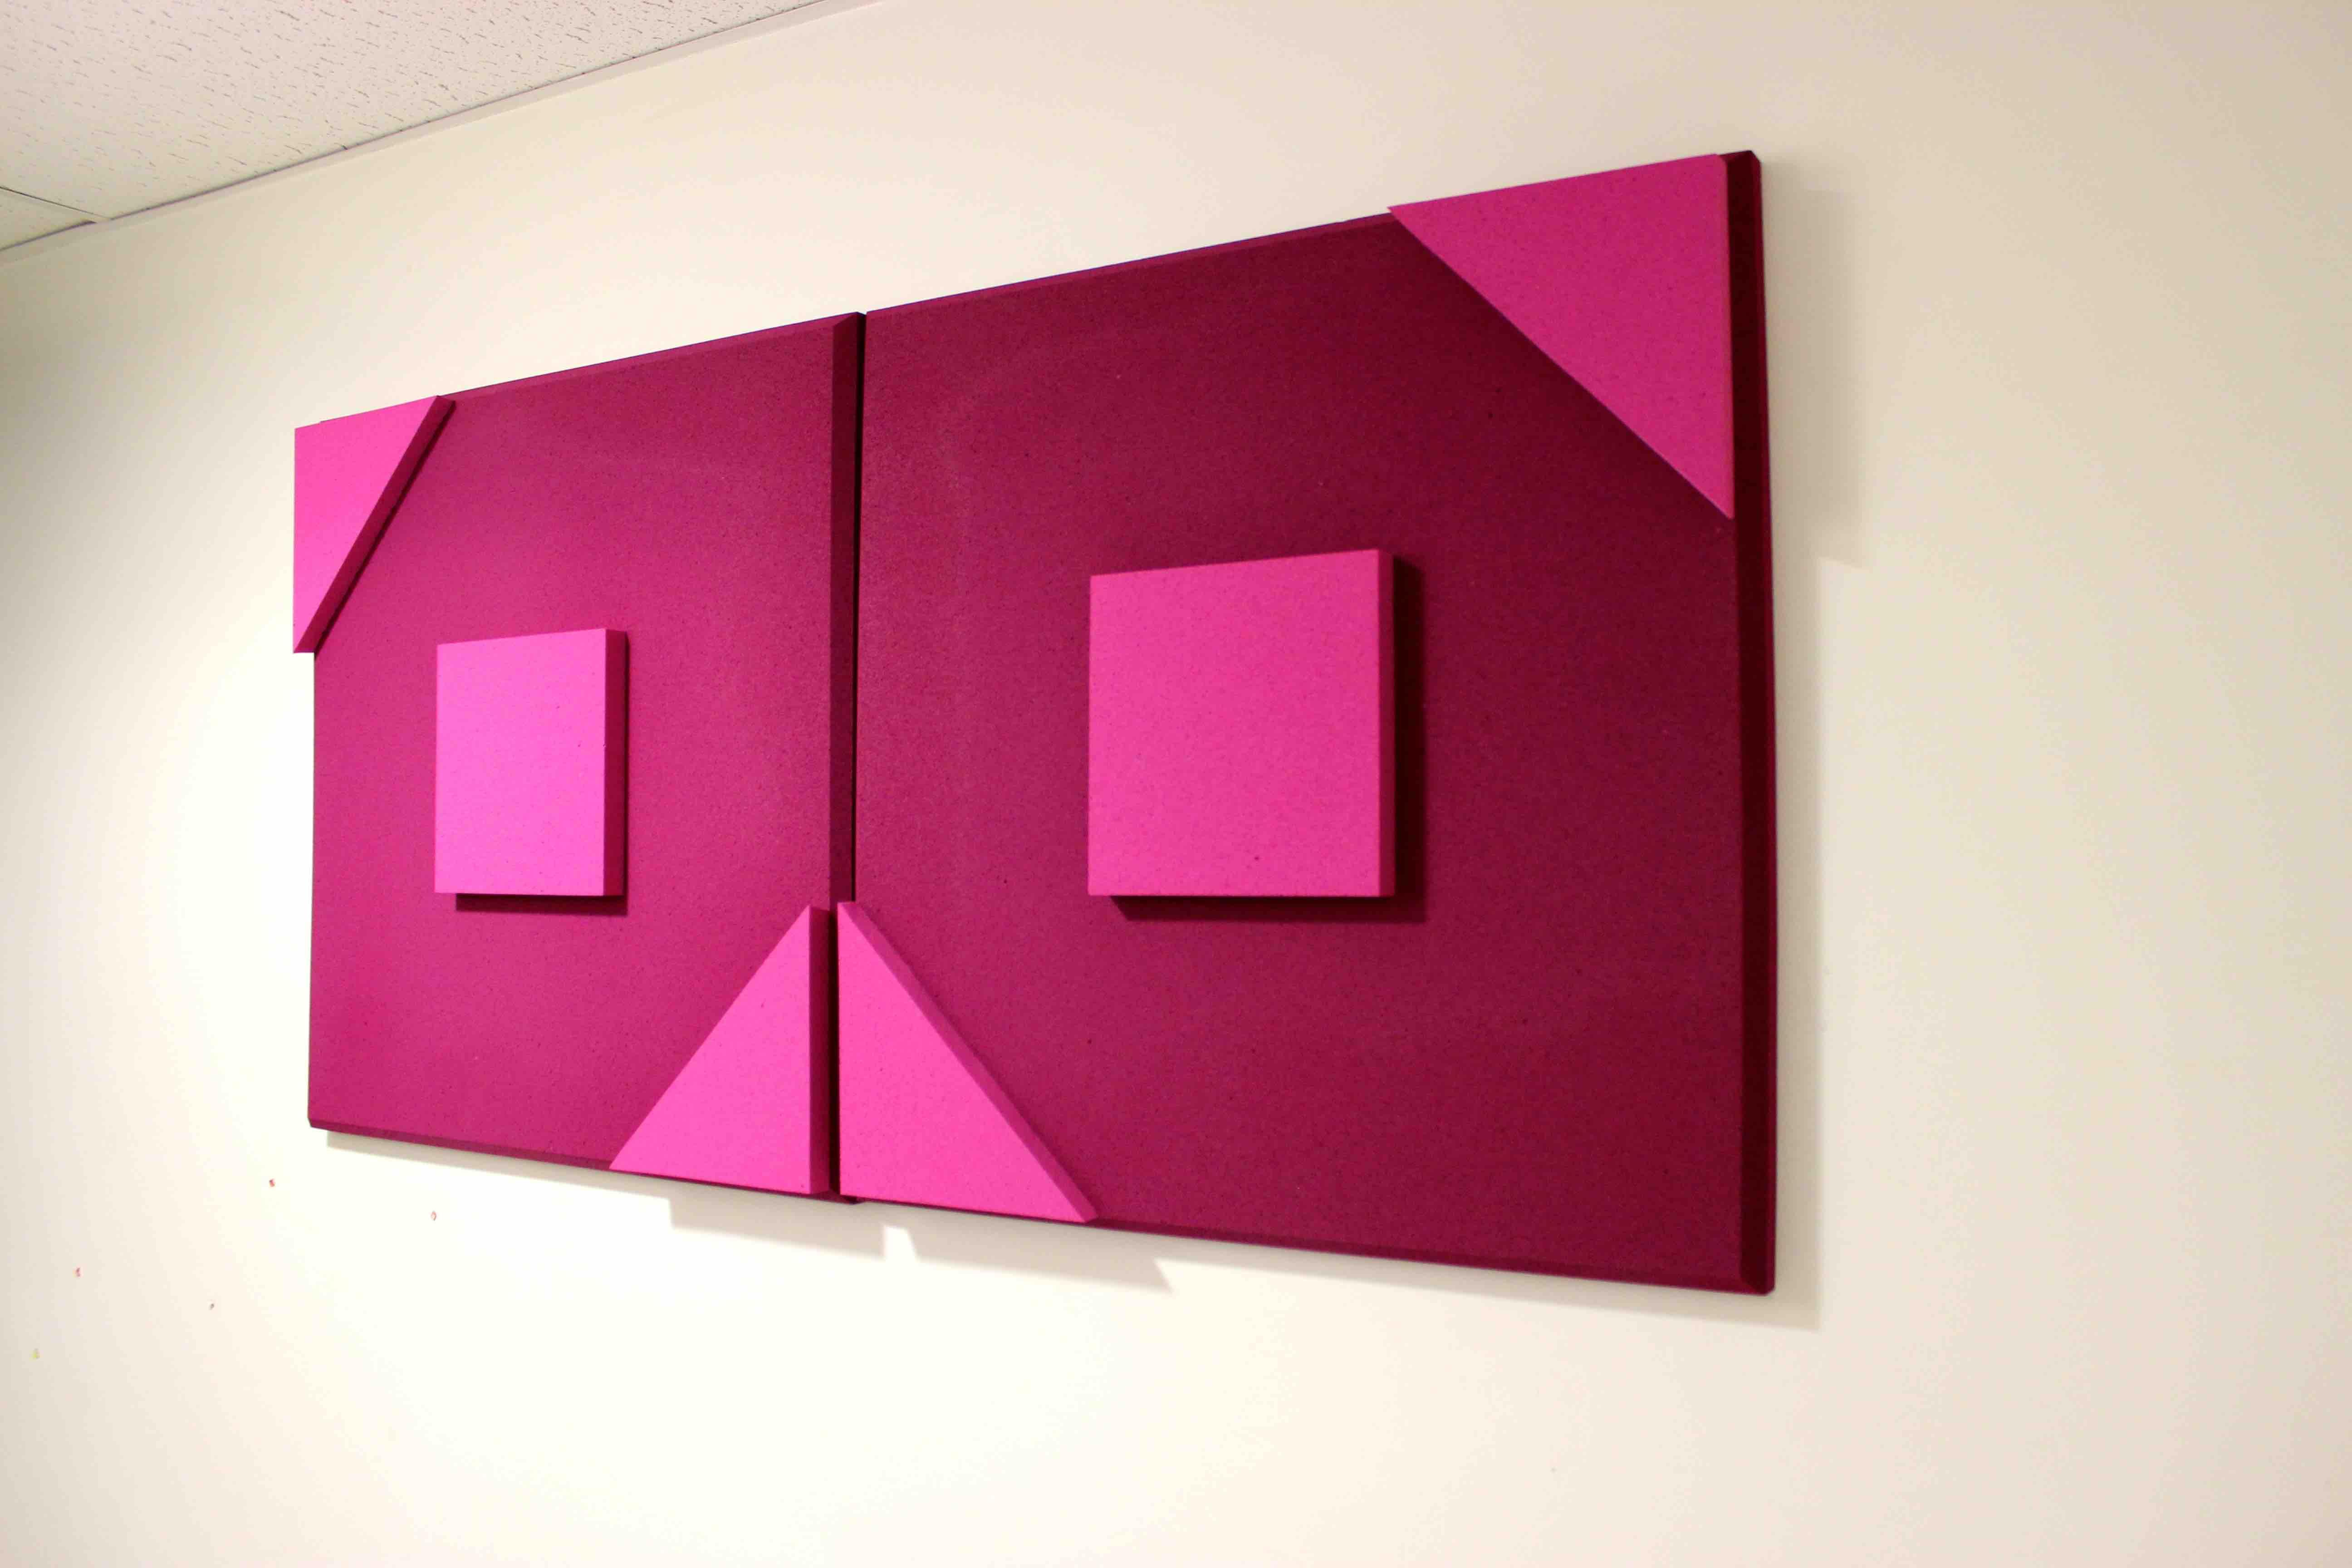 panneau acoustique carre 2 triangle 3d. Black Bedroom Furniture Sets. Home Design Ideas